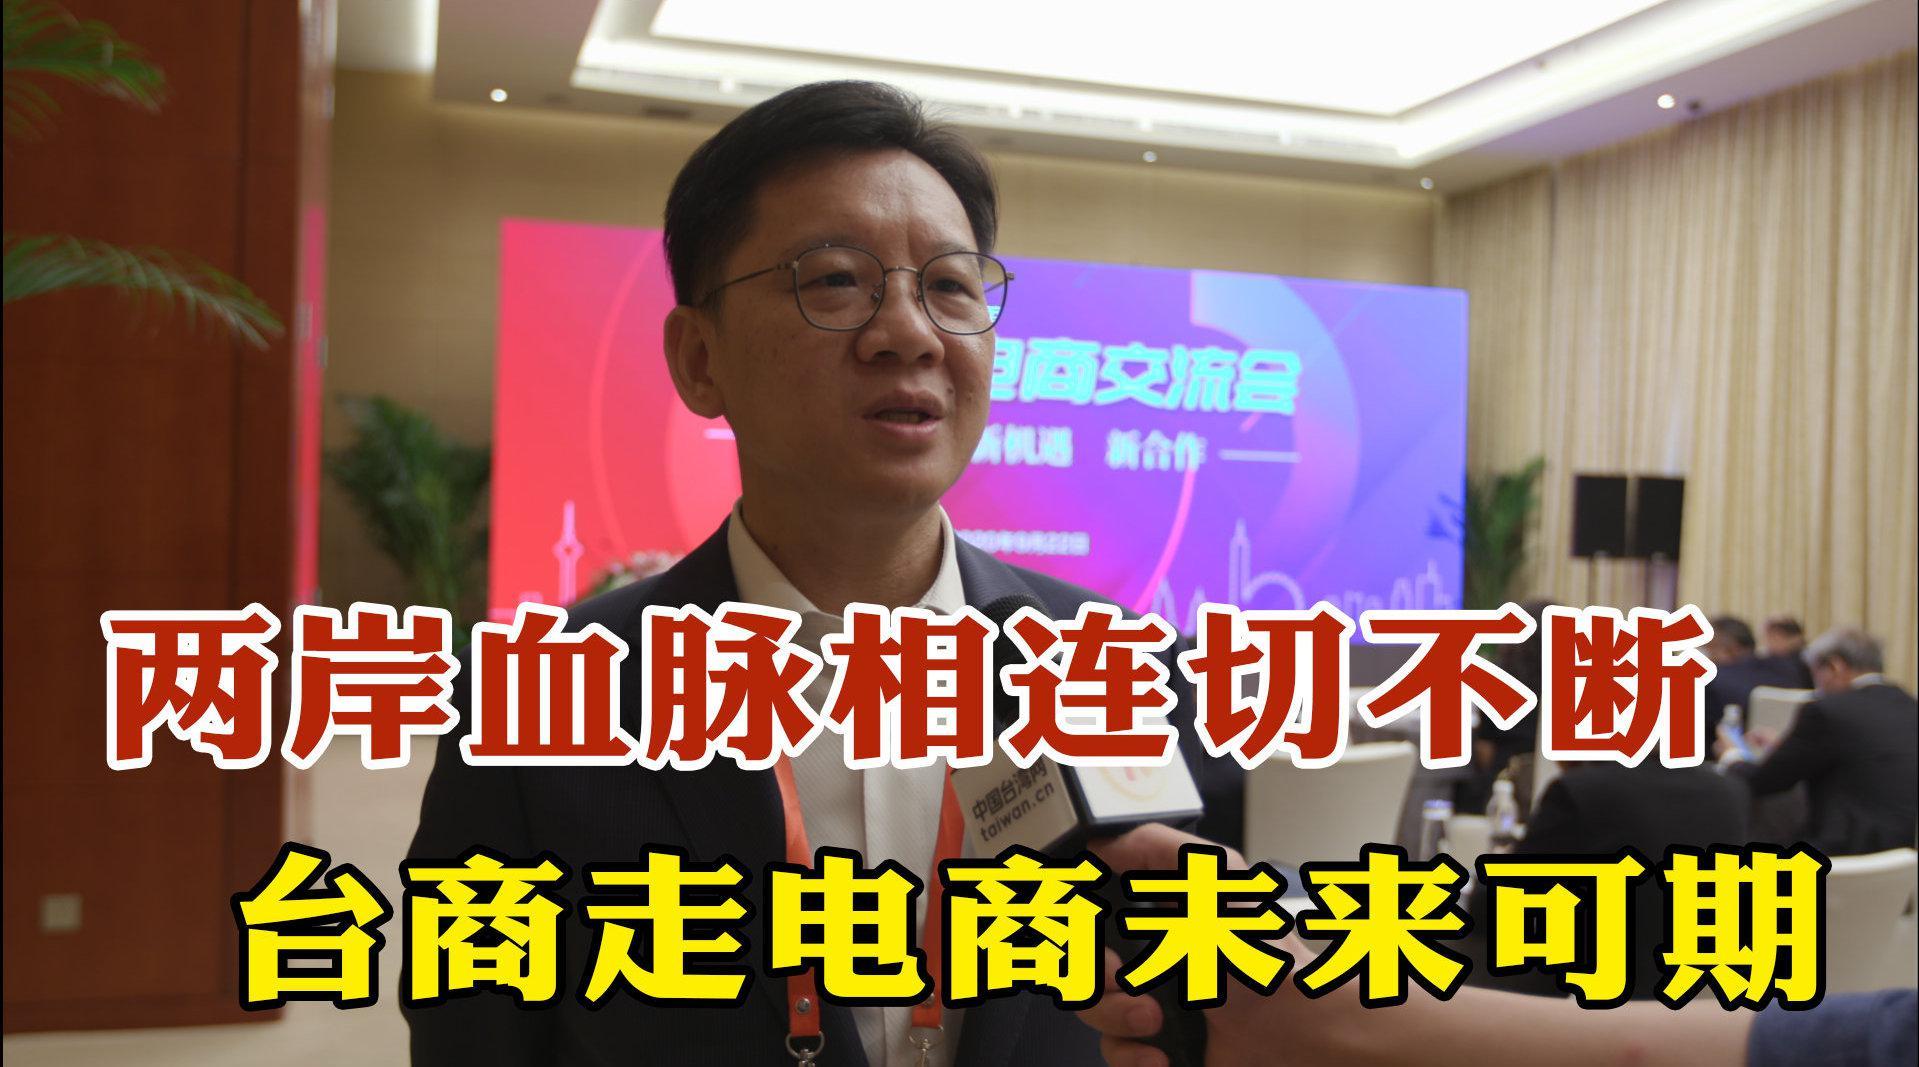 李政宏:两岸血脉相连切不断,台商走电商未来可期